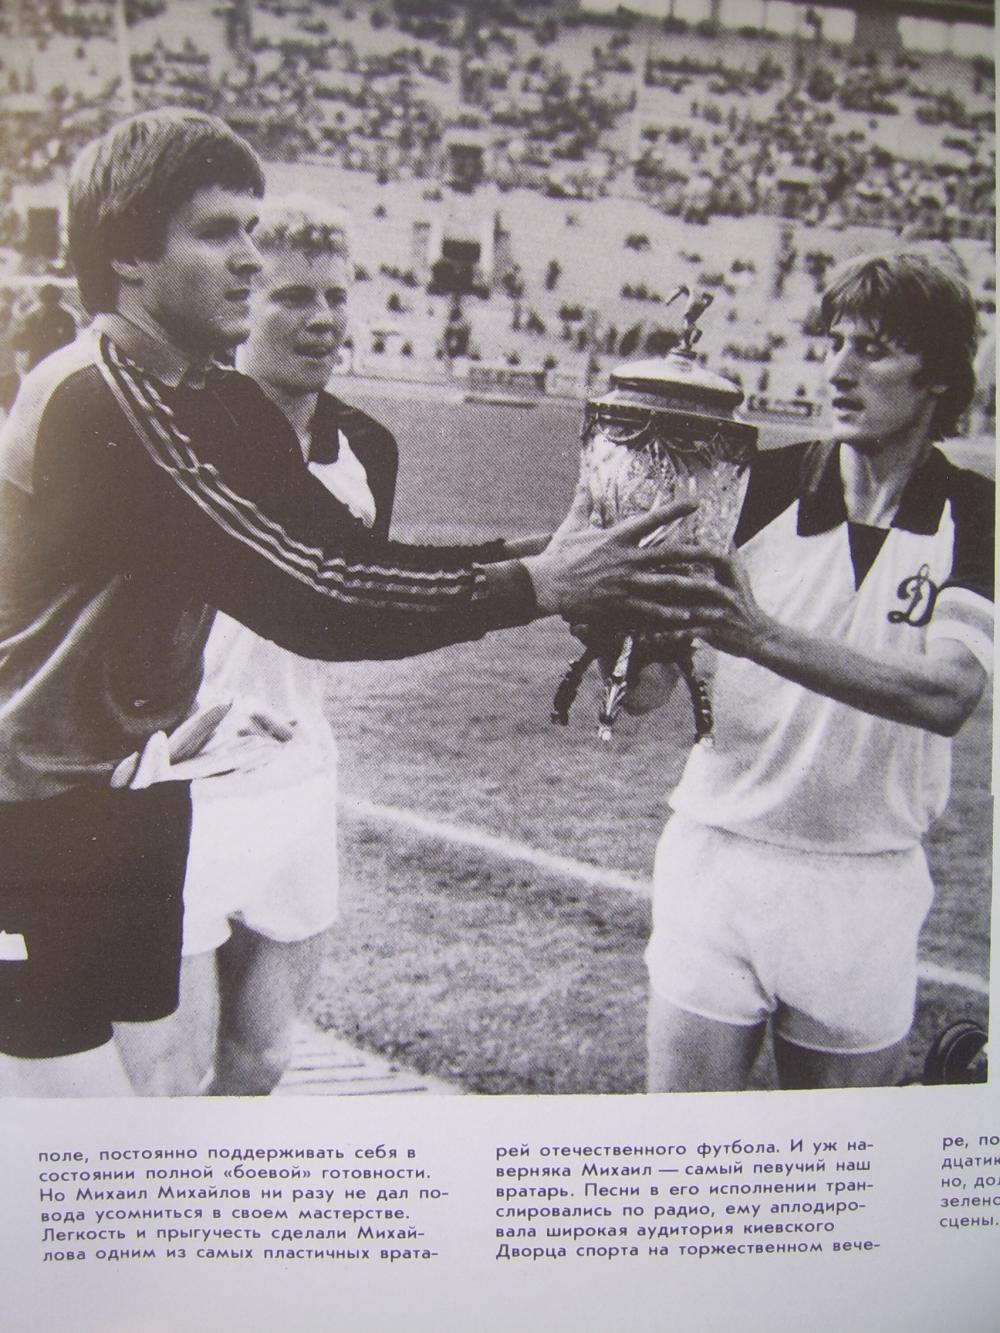 Динамо (Киев) - 1987. Нажмите, чтобы посмотреть истинный размер рисунка